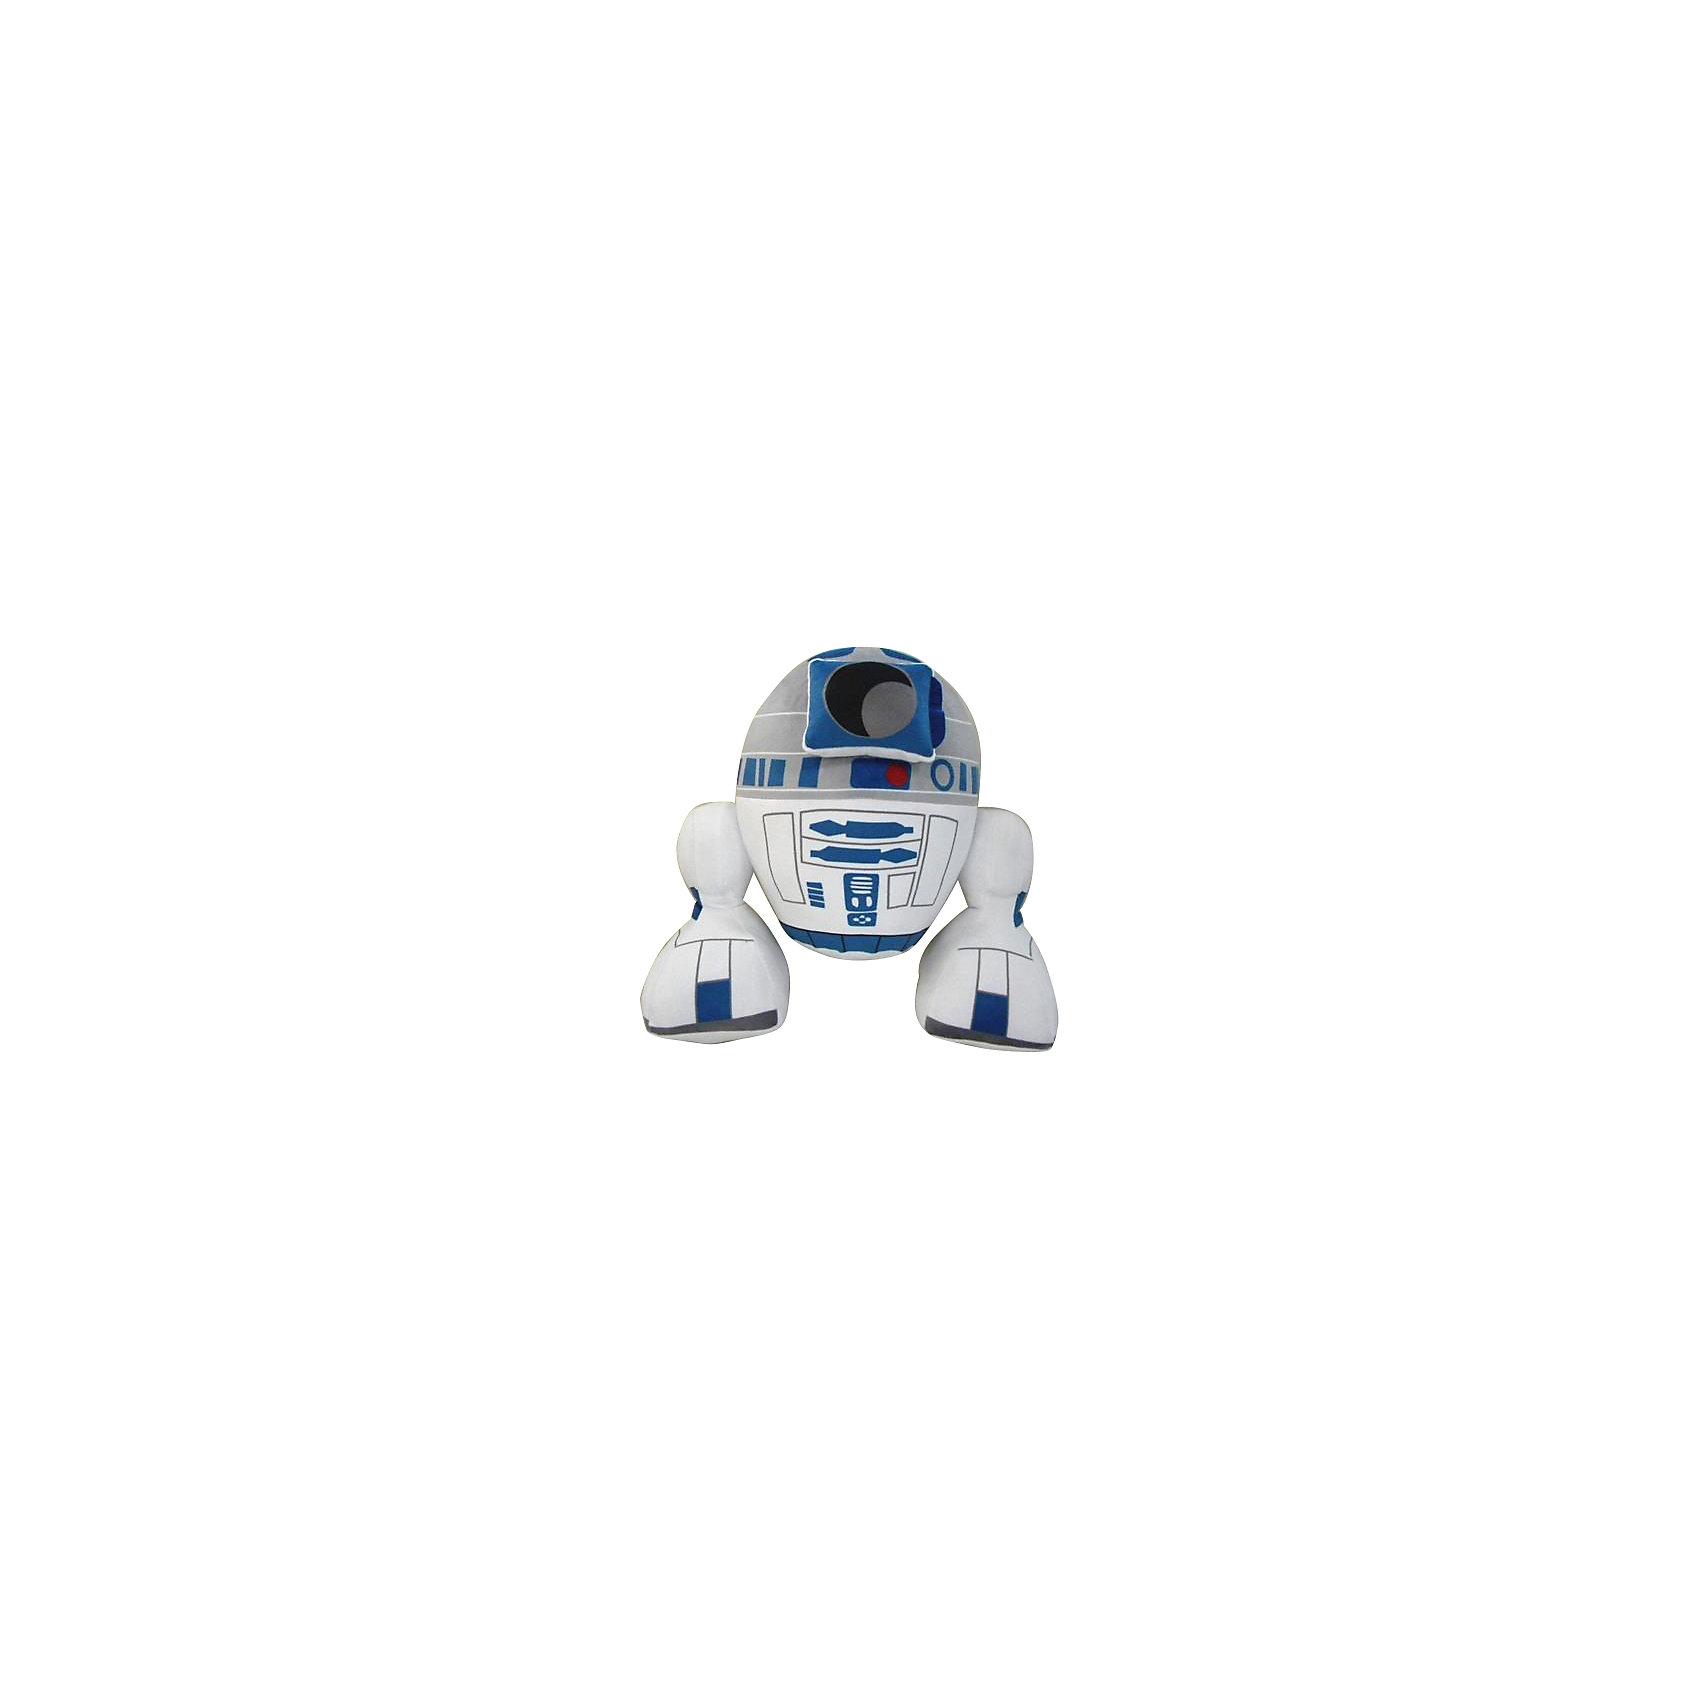 Мягкая игрушка Р2-Д2, 18 см, Звездные войныЗабавный плюшевый робот R2-D2, Звездные войны  - оригинальная мягкая игрушка, которая станет приятным сюрпризом для детей любого возраста. Игрушка изображает популярного персонажа из знаменитой киноэпопеи Звездные войны (Star Wars) - робота R2-D2 и внешне очень похожа на своего экранного персонажа. Фигурка робота очень мягкая и приятная на ощупь, на корпусе хорошо прорисованы различные детали и схемы. Изготовлена из качественных экологичных материалов и совершенно безопасна для детского здоровья. <br><br>Дополнительная информация:<br><br>- Материал: плюш, синтепон.<br>- Высота игрушки: 18 см.<br>- Размер упаковки: 10 х 12 х 18 см.<br>- Вес: 100 гр.<br><br>Мягкую игрушку Р2-Д2, Звездные войны, можно купить в нашем интернет-магазине.<br><br>Ширина мм: 140<br>Глубина мм: 160<br>Высота мм: 110<br>Вес г: 99<br>Возраст от месяцев: 36<br>Возраст до месяцев: 1188<br>Пол: Мужской<br>Возраст: Детский<br>SKU: 4302511